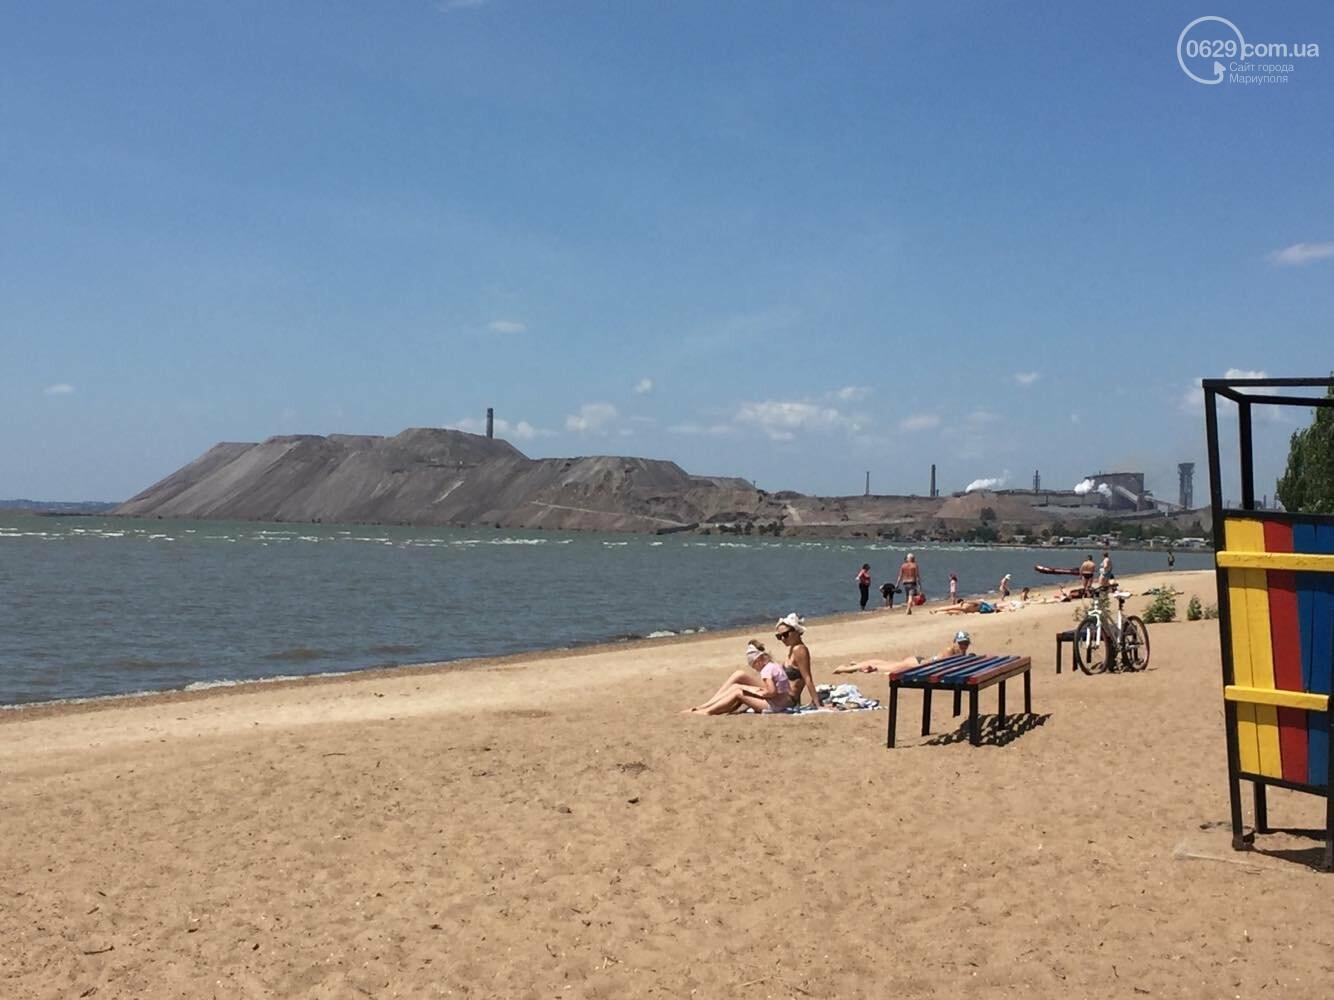 Реконструировать левобережную зону отдыха в  Мариуполе отдали известному поставщику саженцев, - ФОТО , фото-2